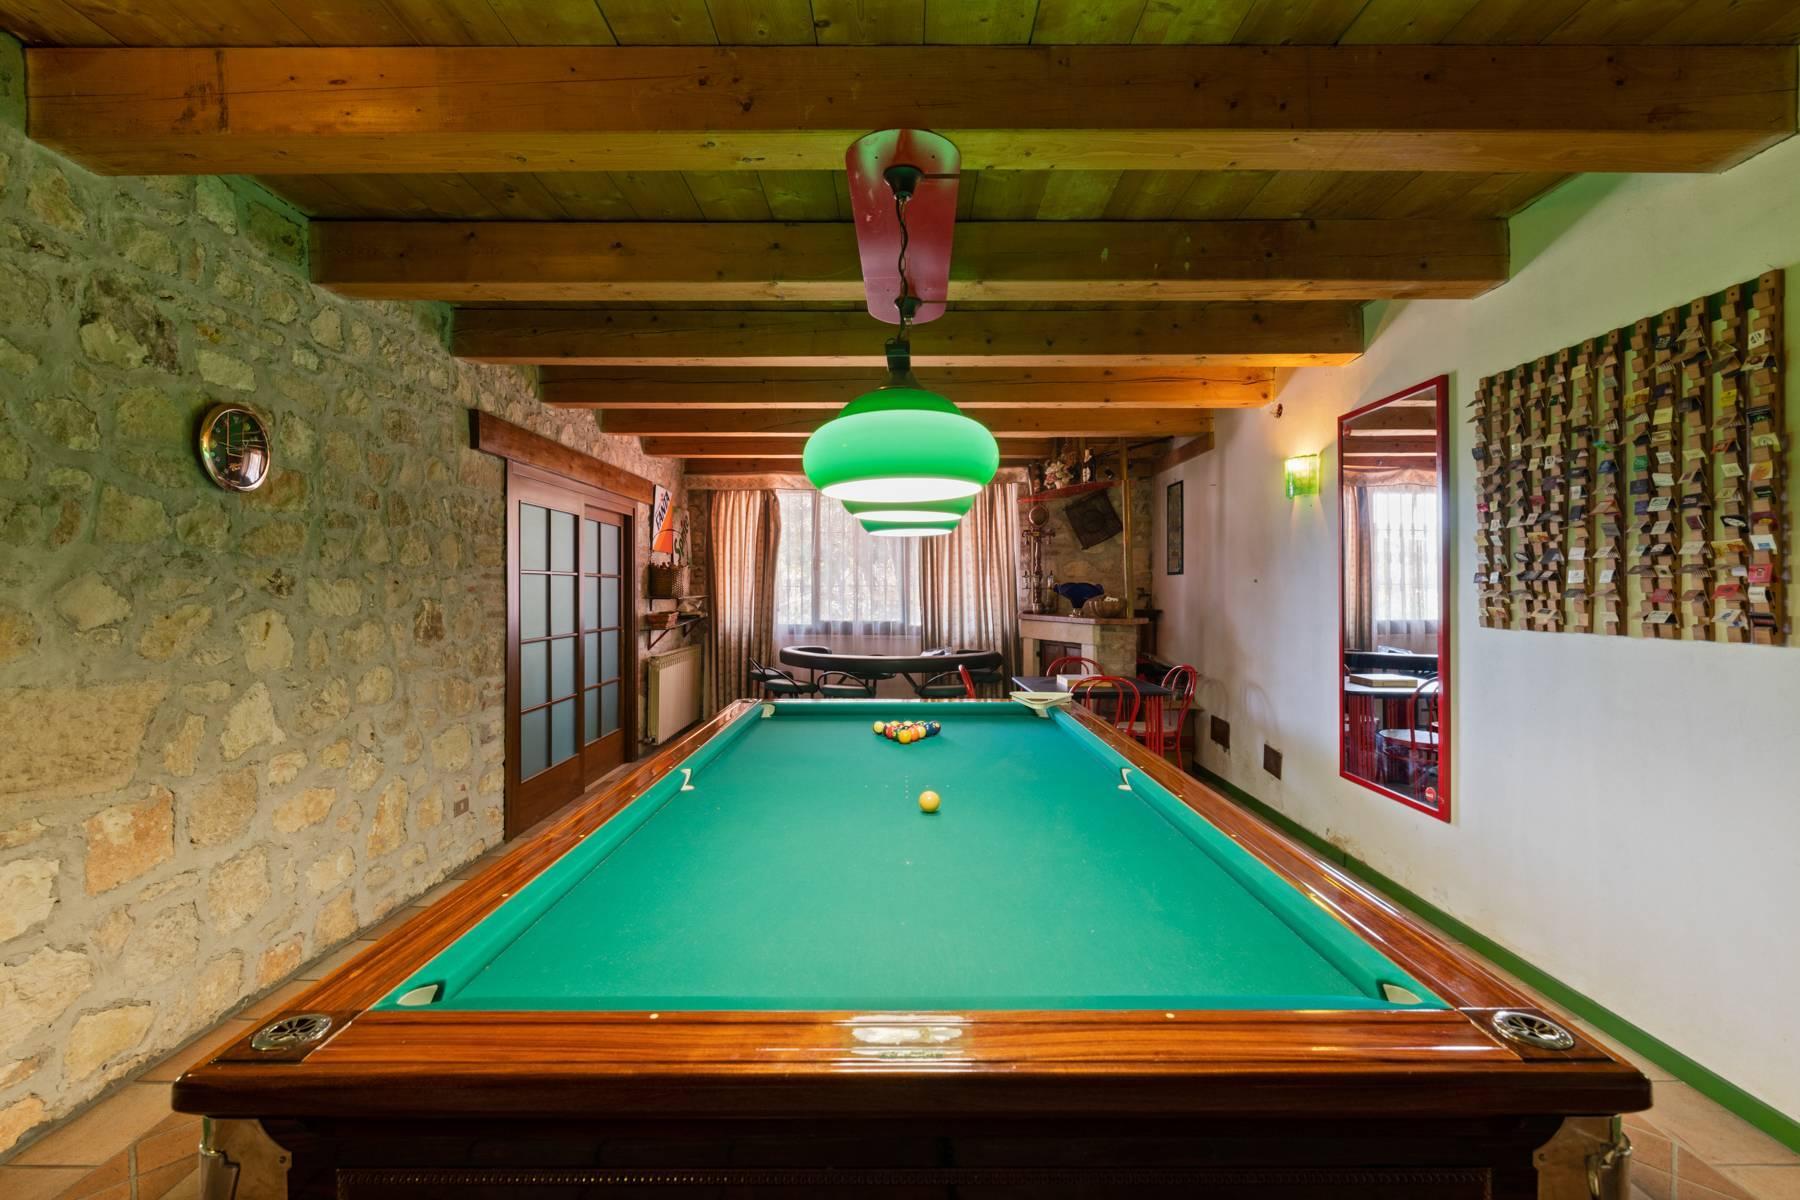 Storica villa di campagna con piscina e campo da tennis con tenuta nelle colline veronesi - 12